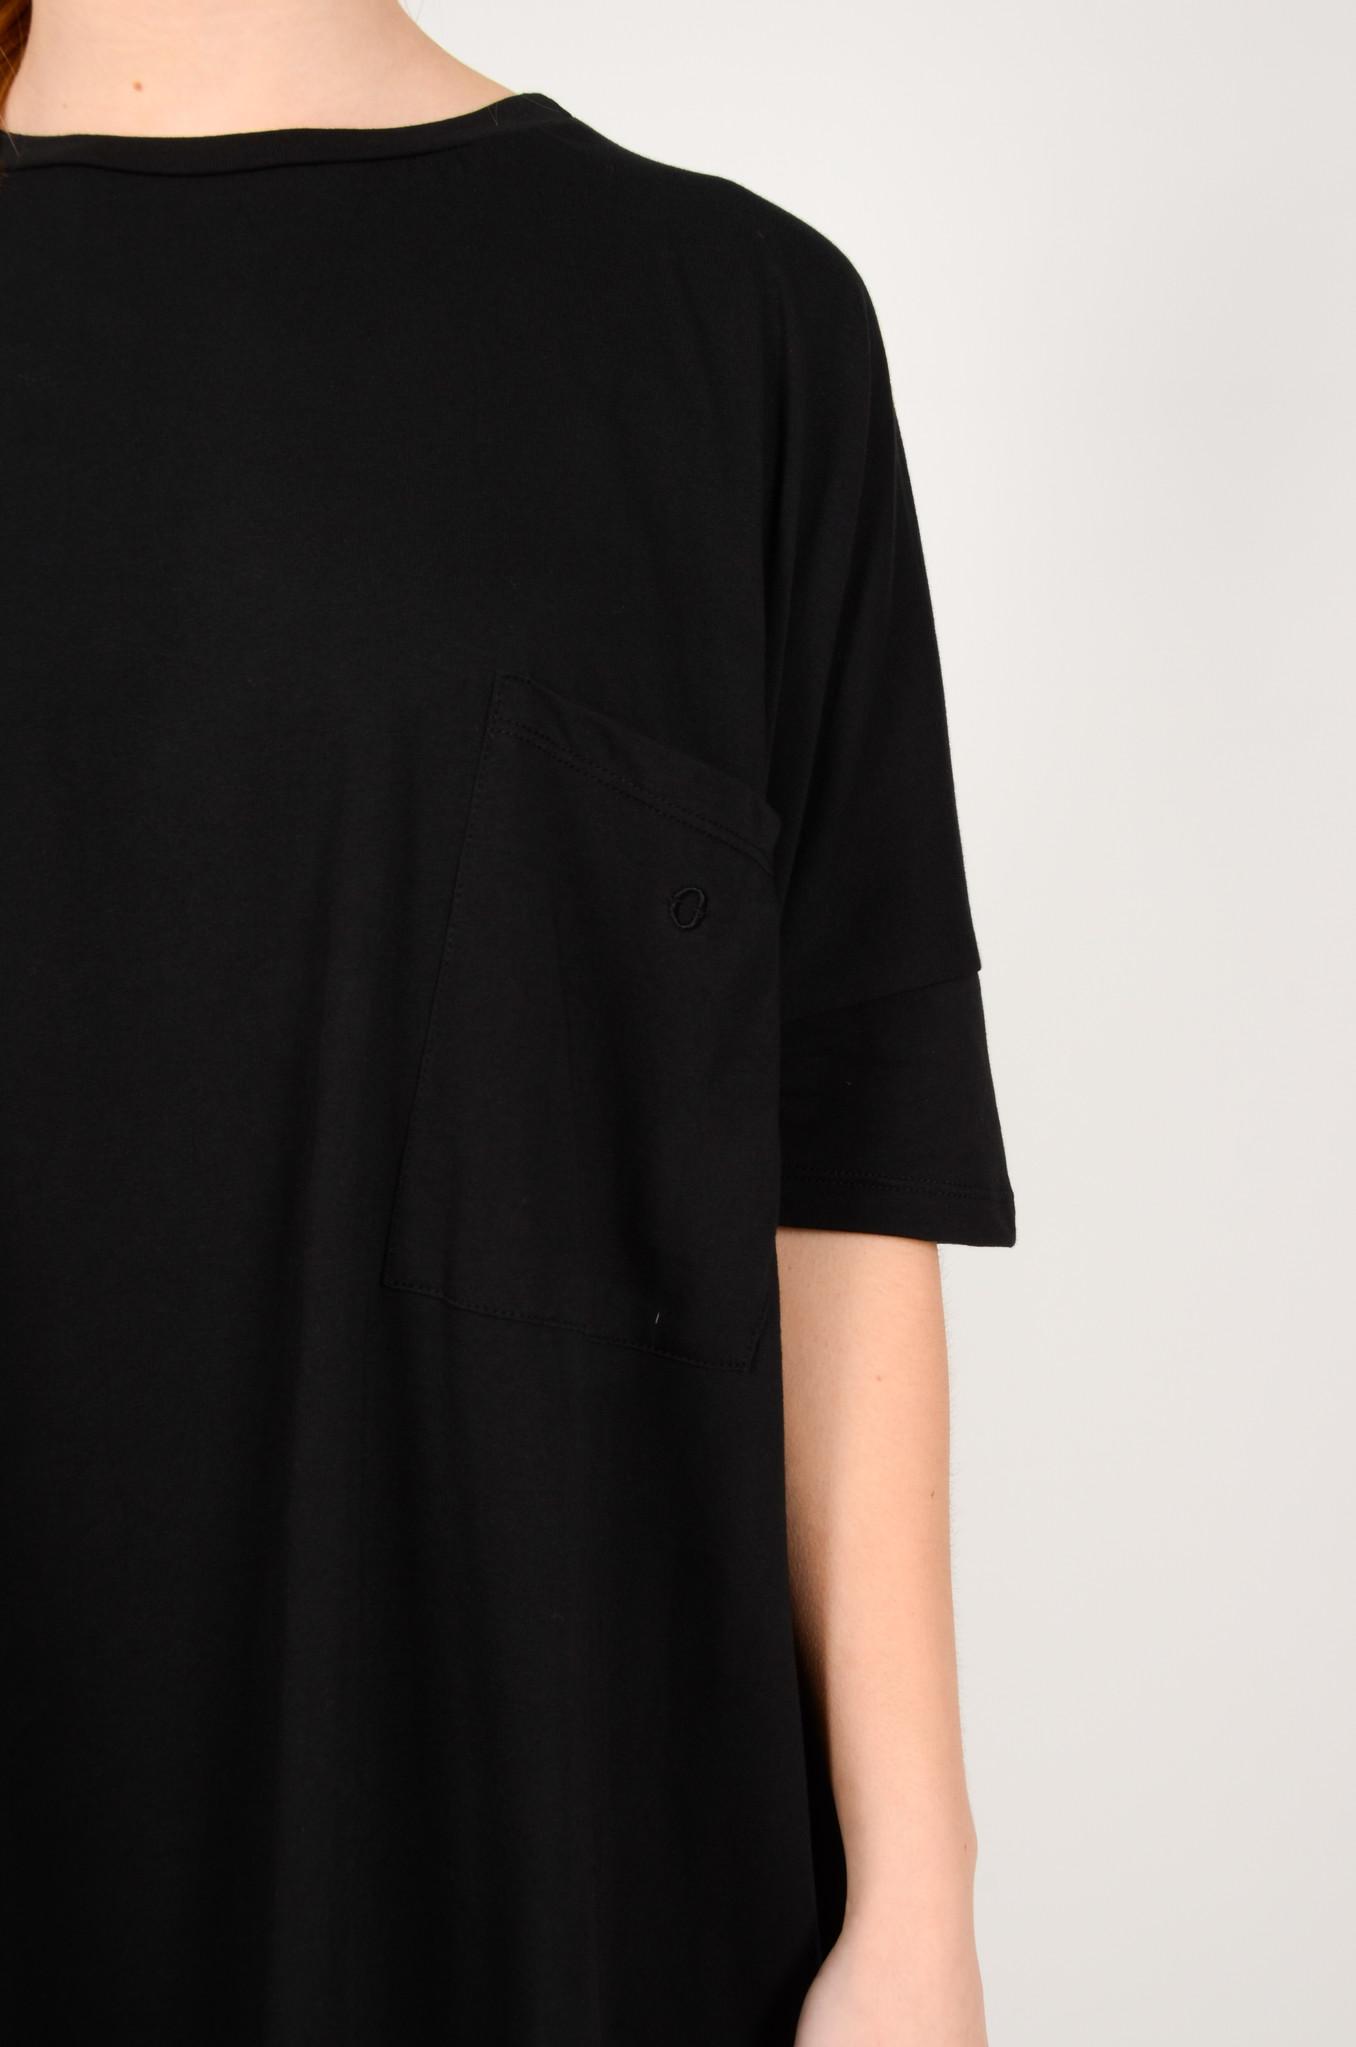 T-DRESS IN BLACK-5